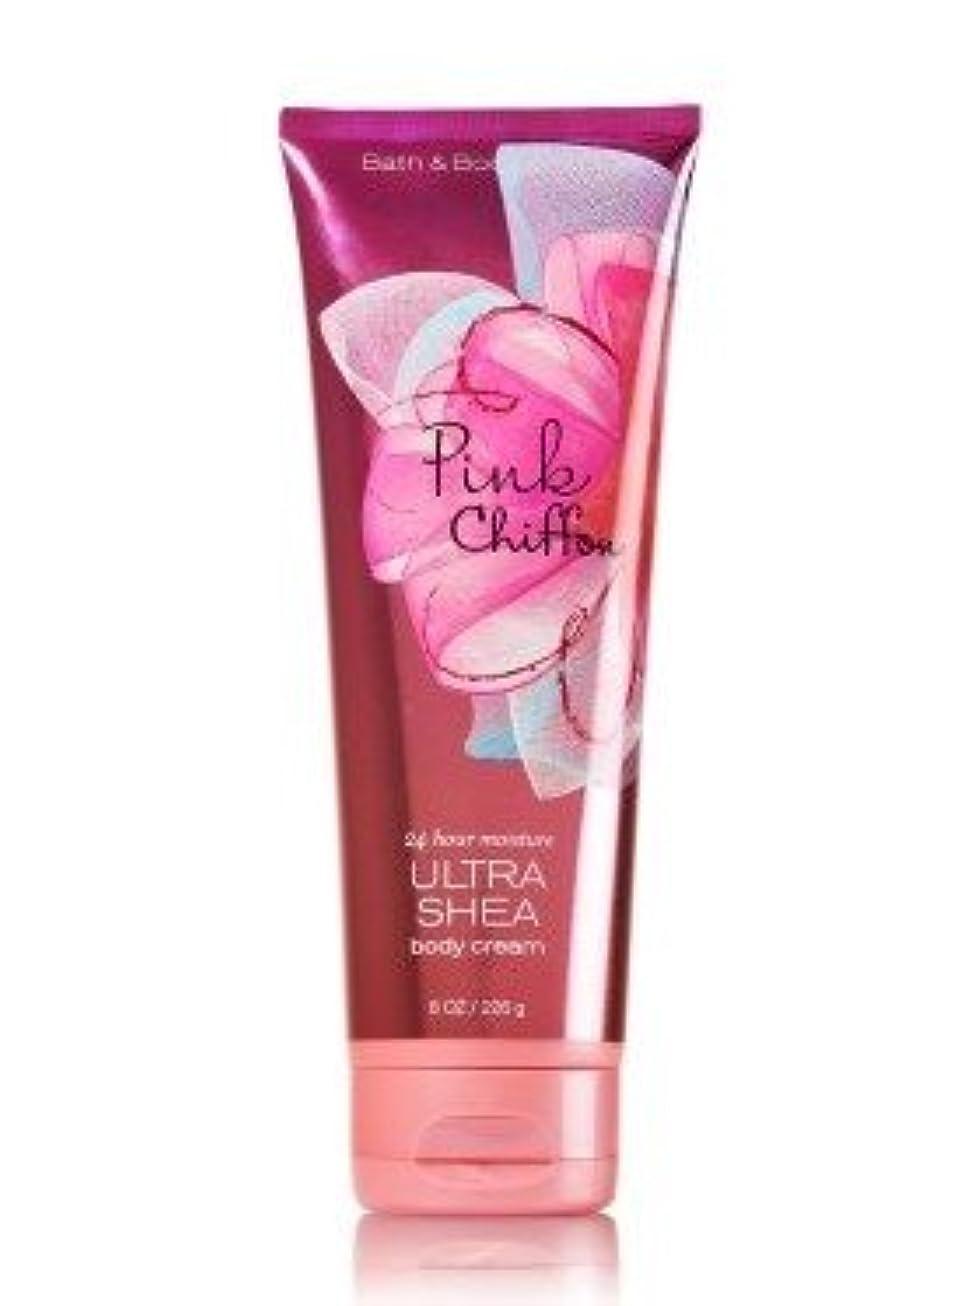 電池口述する口述する【Bath&Body Works/バス&ボディワークス】 ボディクリーム ピンクシフォン Ultra Shea Body Cream Pink Chiffon 8 oz / 226 g [並行輸入品]